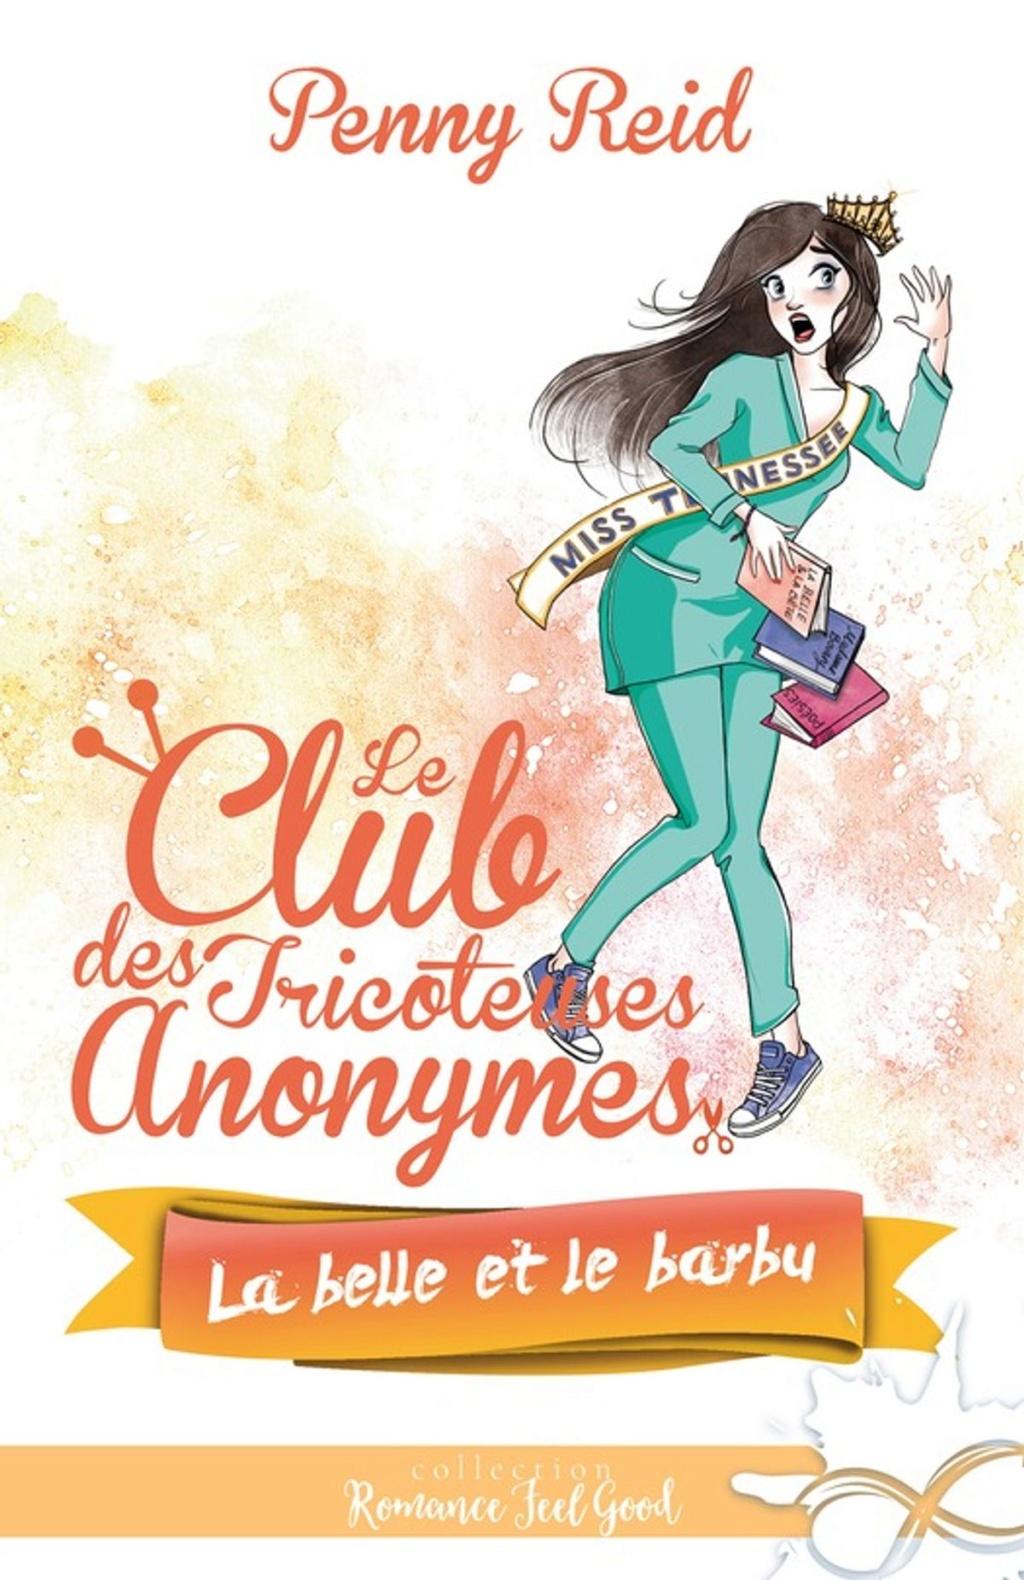 REID Penny - Le club des tricoteuses anonymes - Tome 4 : La belle et le barbu La-bel10